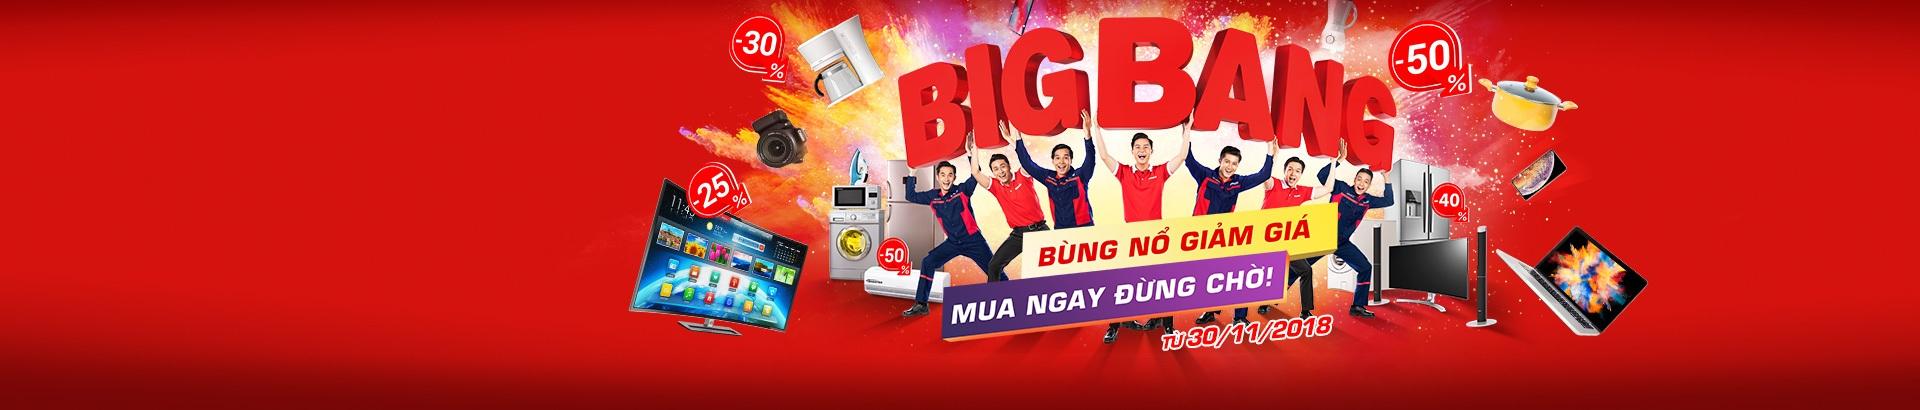 Bigbang:  Bùng nổ giảm giá - Mua ngay đừng chờ